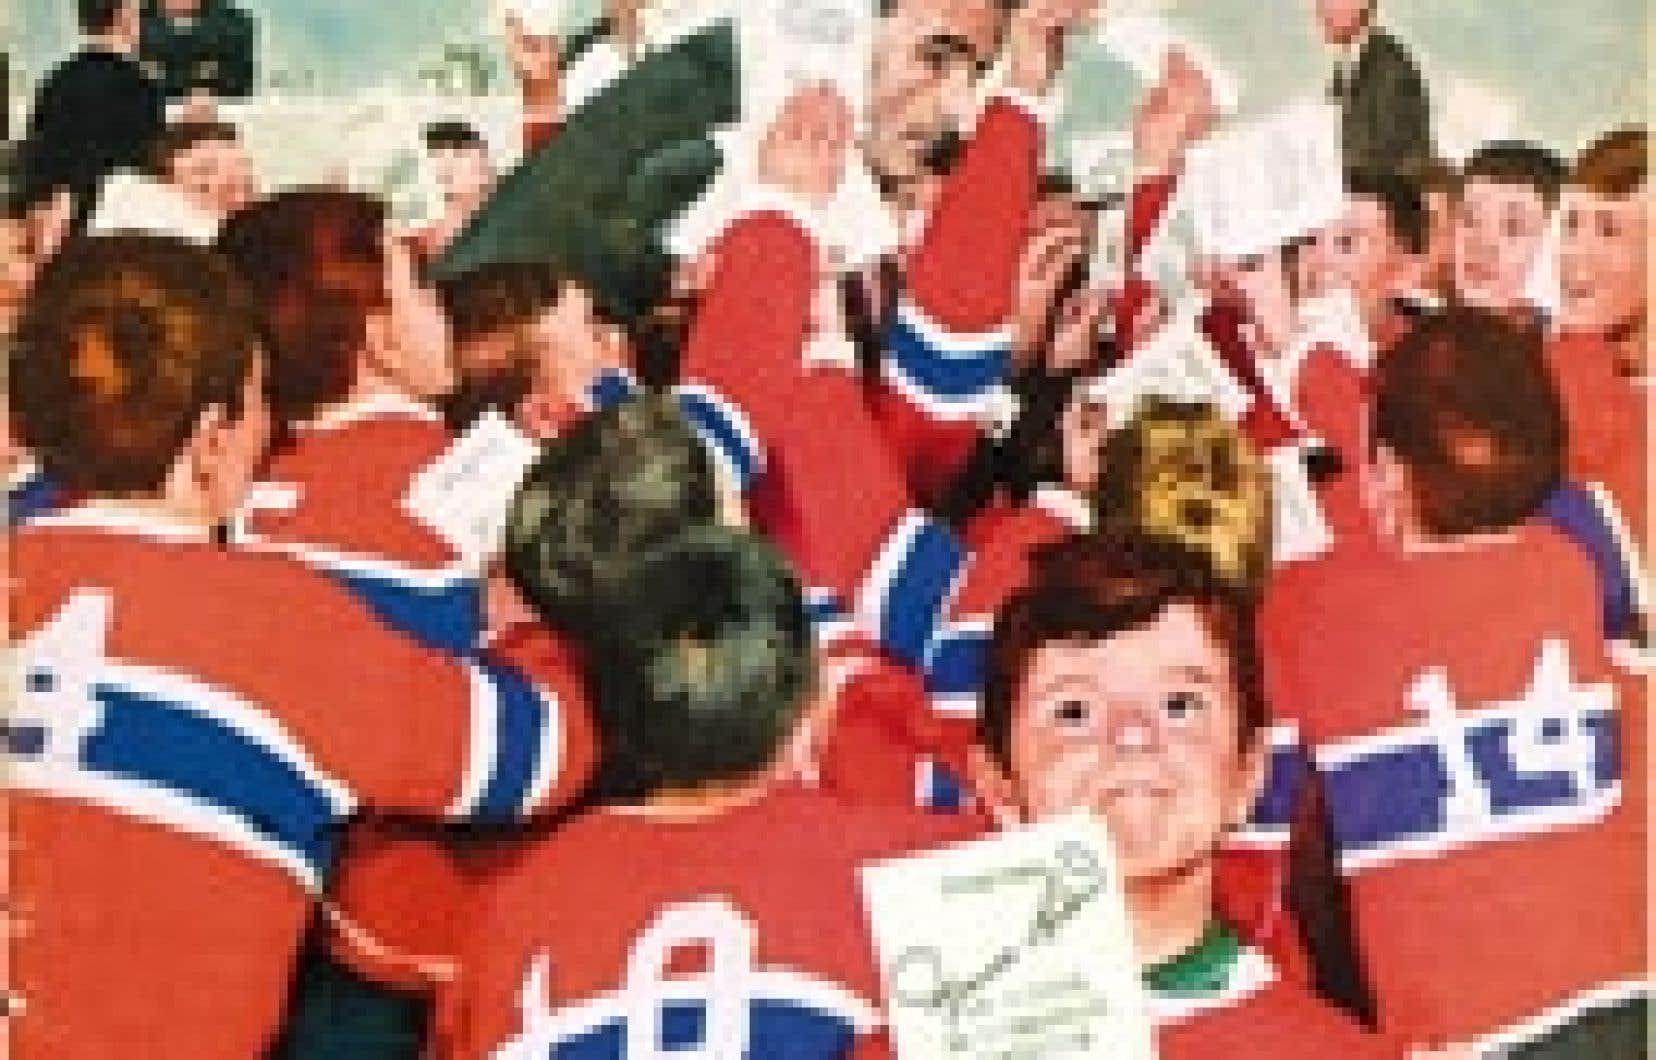 En première page du Maclean's du 28 mars 1959, Maurice Richard est entouré d'une nuée d'enfants. Image tirée de l'album Les Yeux de Maurice Richard.